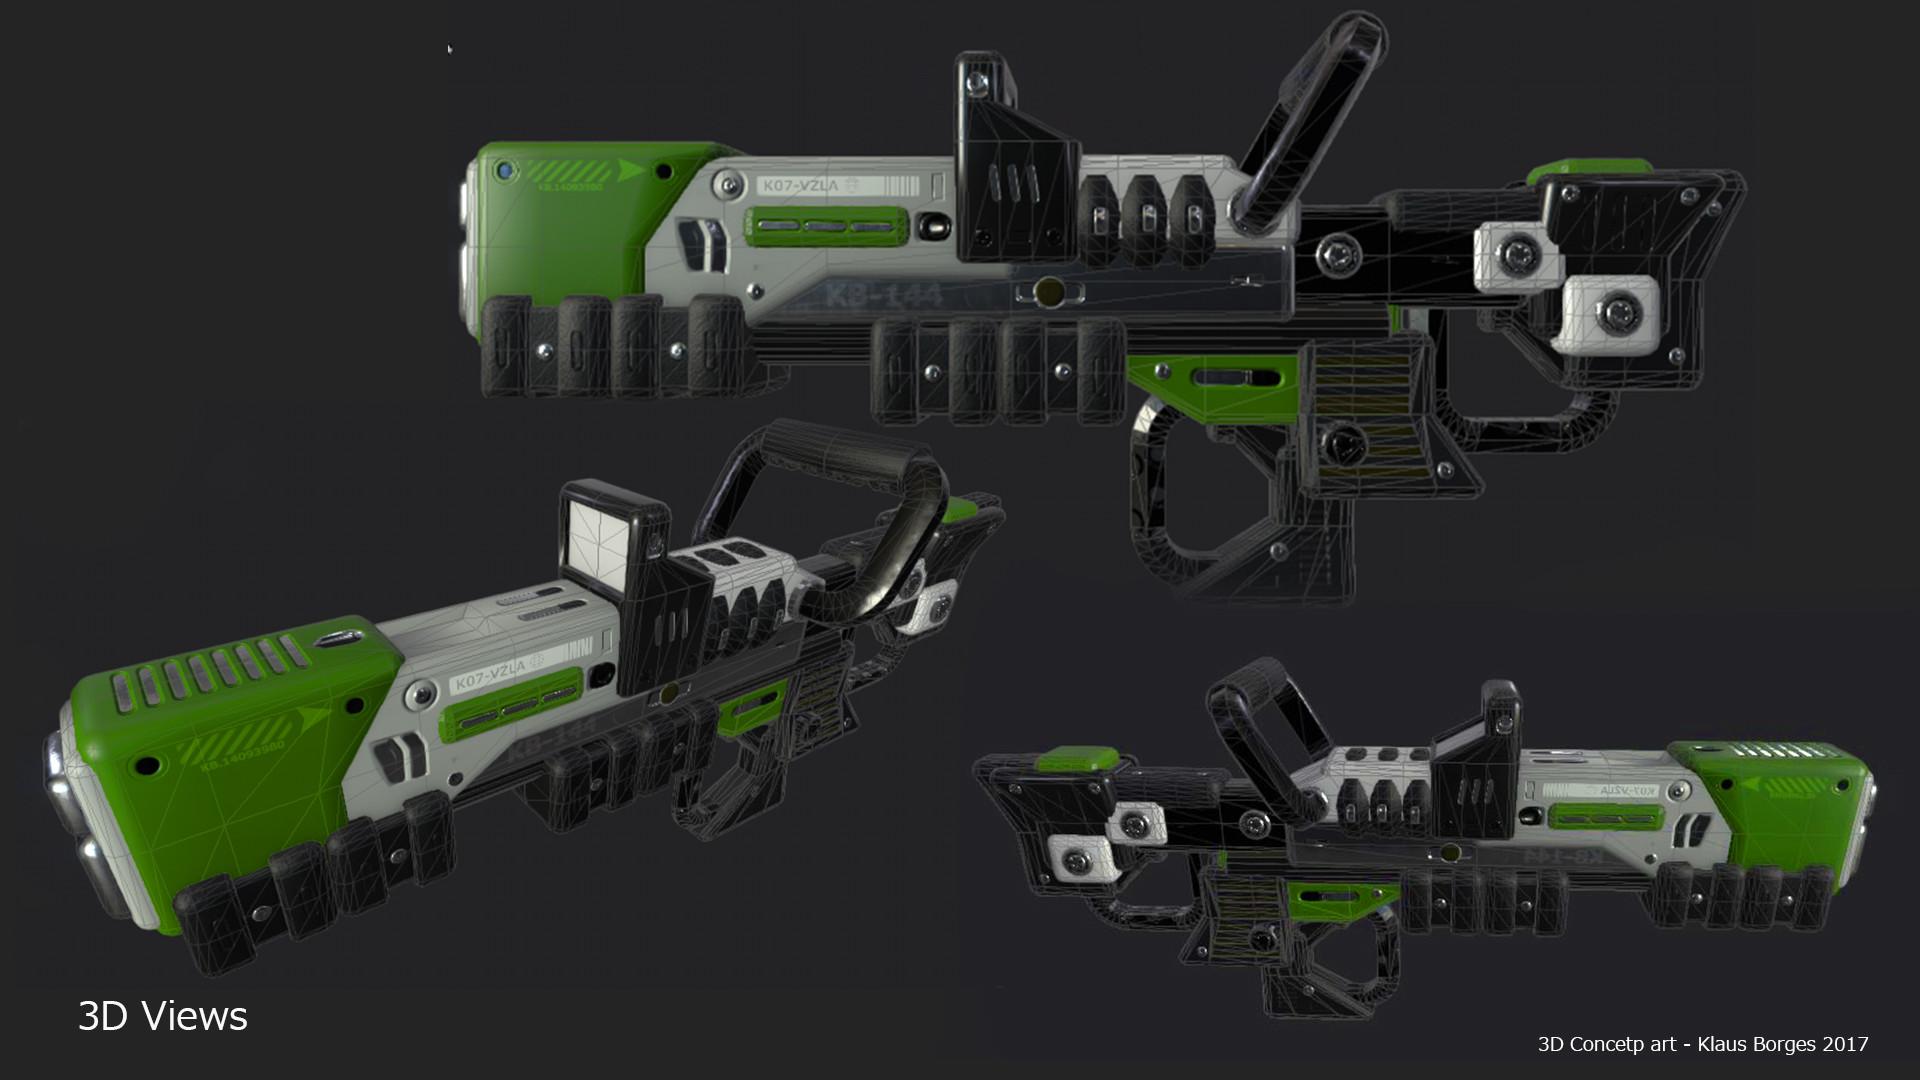 Klaus borges wf rifle 02